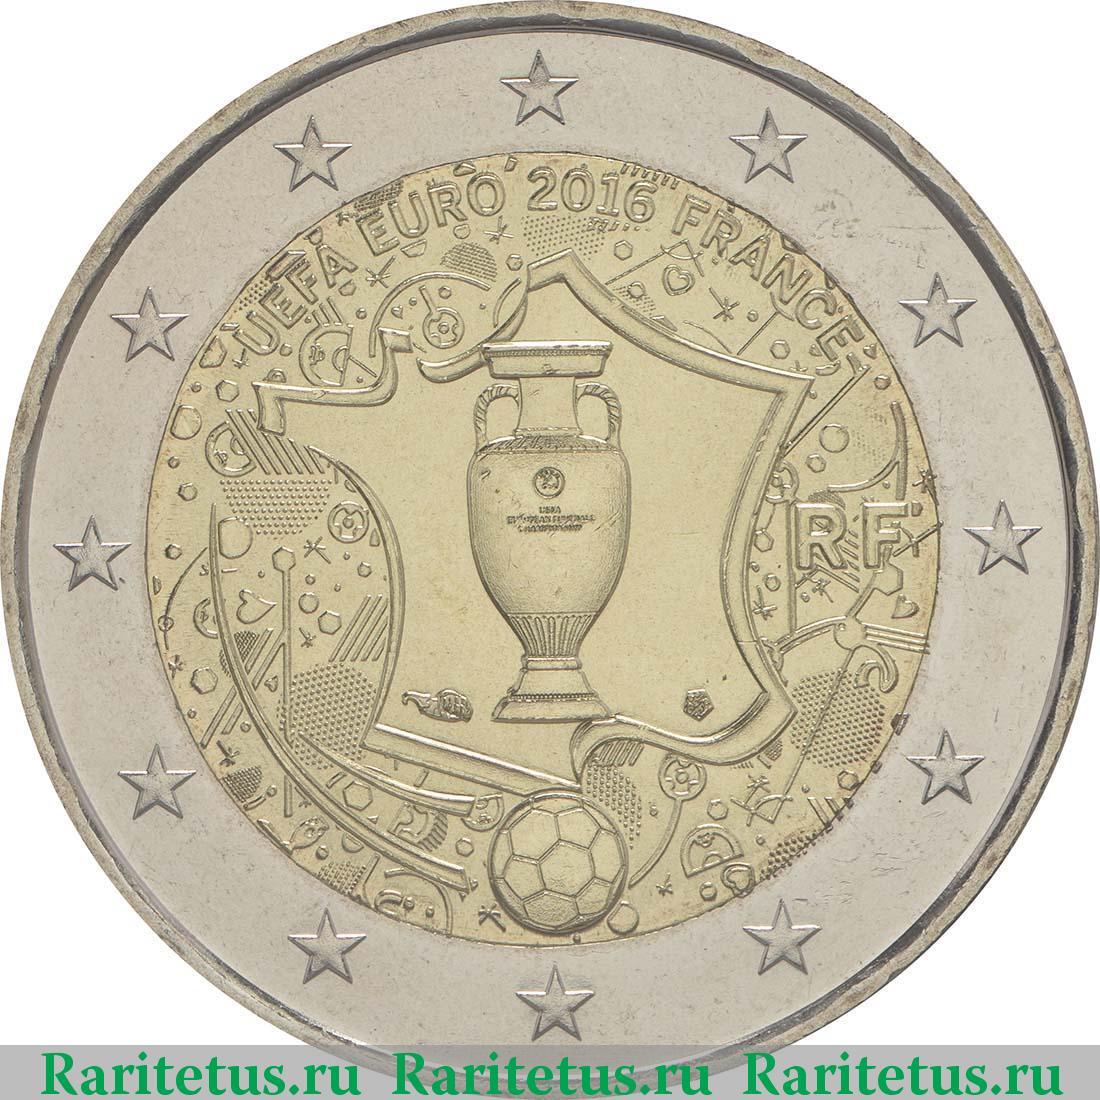 Монета маленький принц стоимость металлоискатель военный цена